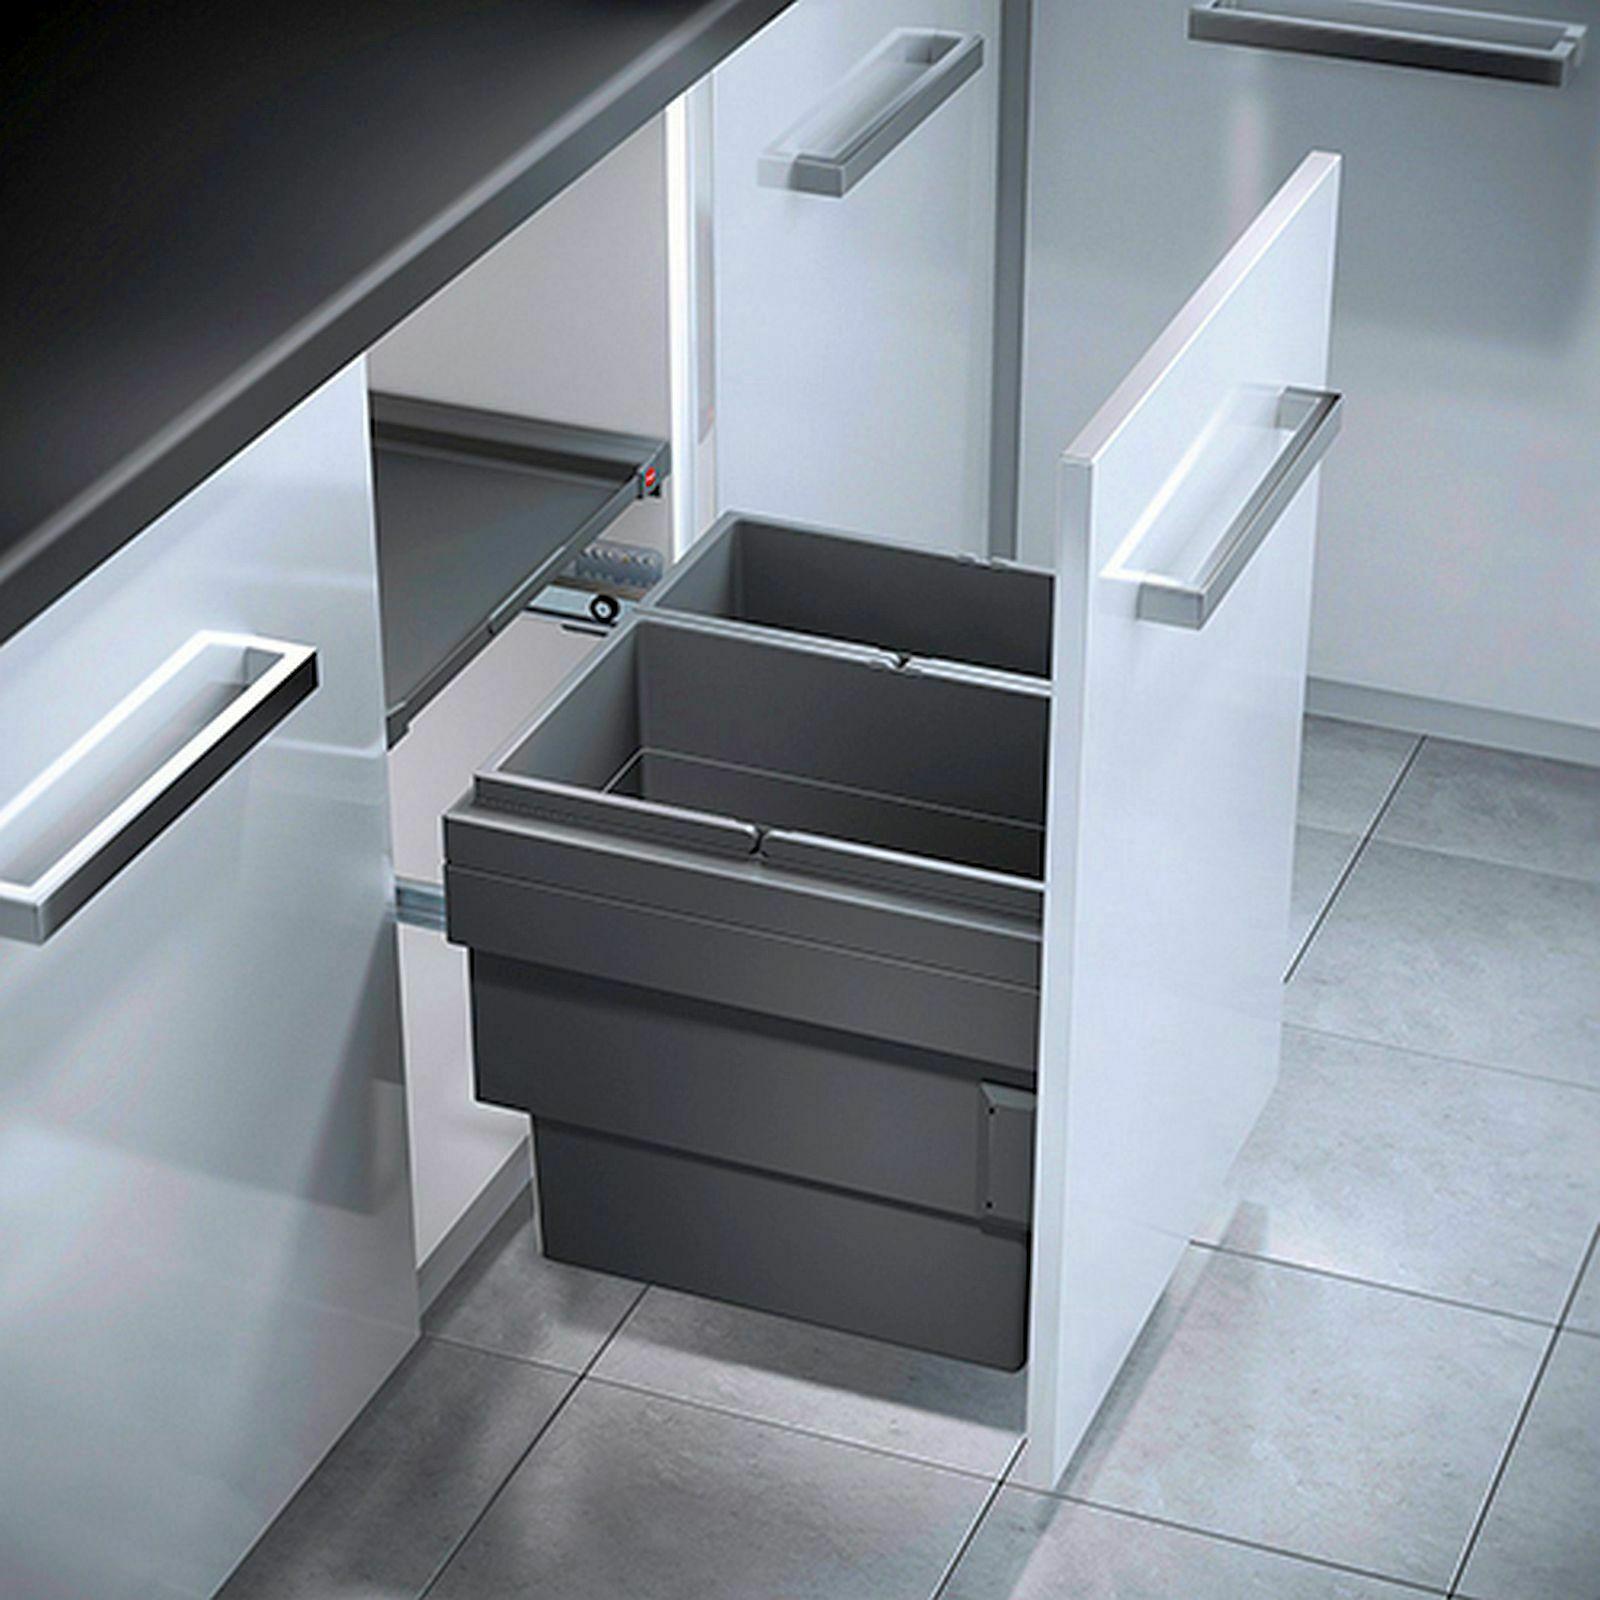 Full Size of Kchen Mehr Als 10000 Angebote Müllsystem Küche Wohnzimmer Häcker Müllsystem